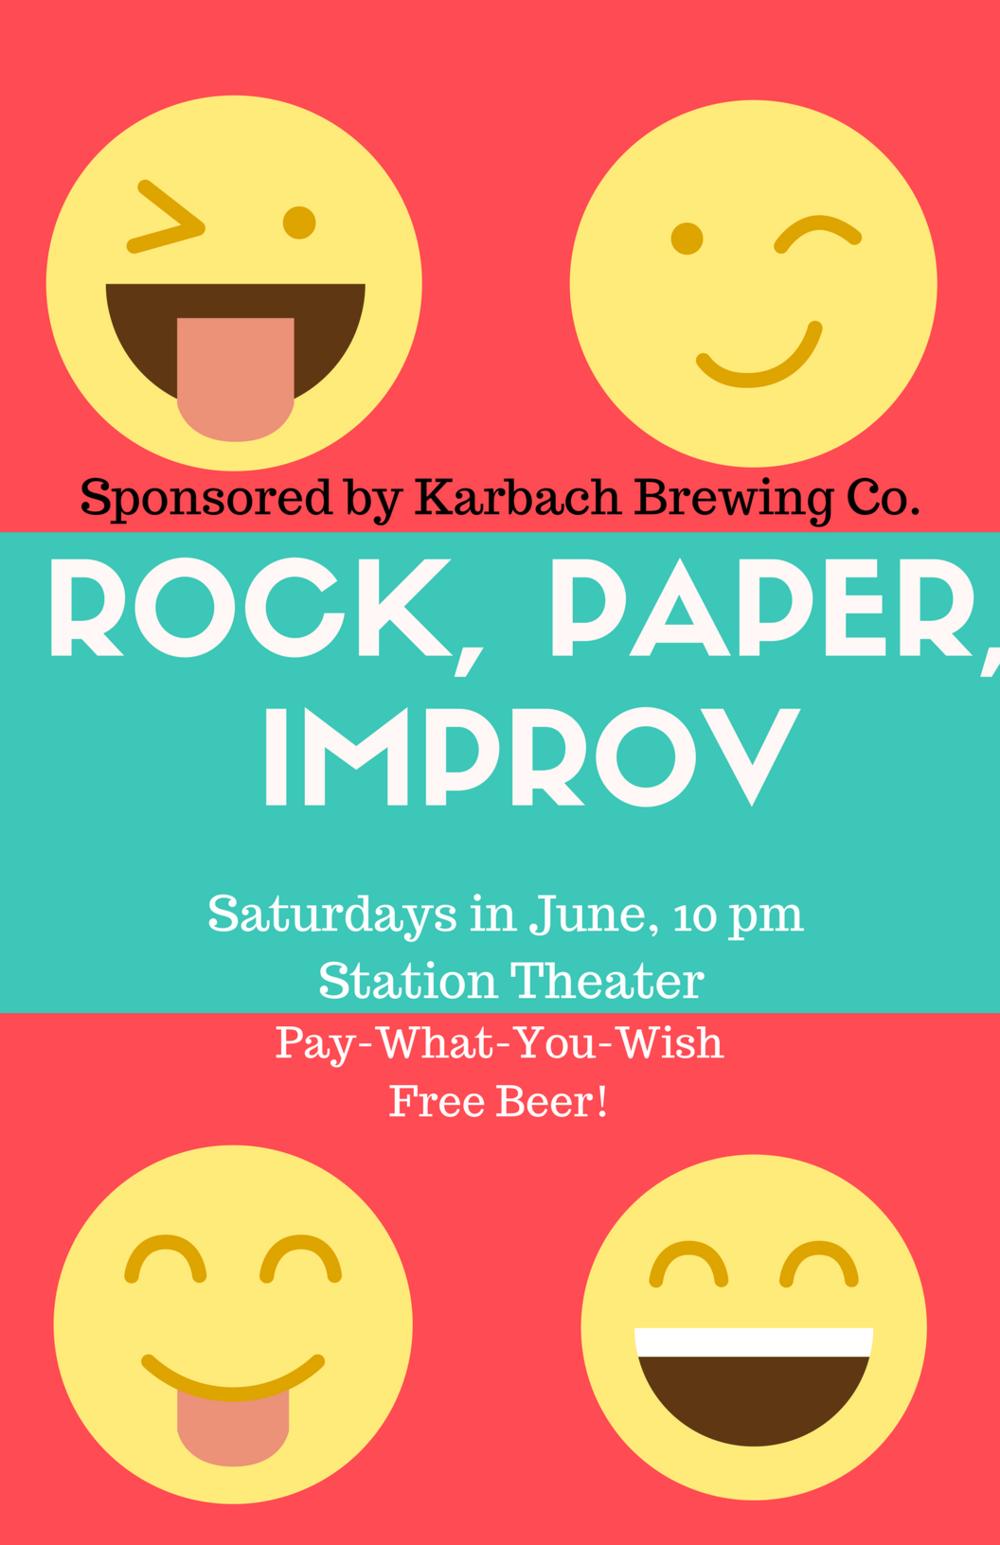 Rock, Paper, Improv 11x17.png